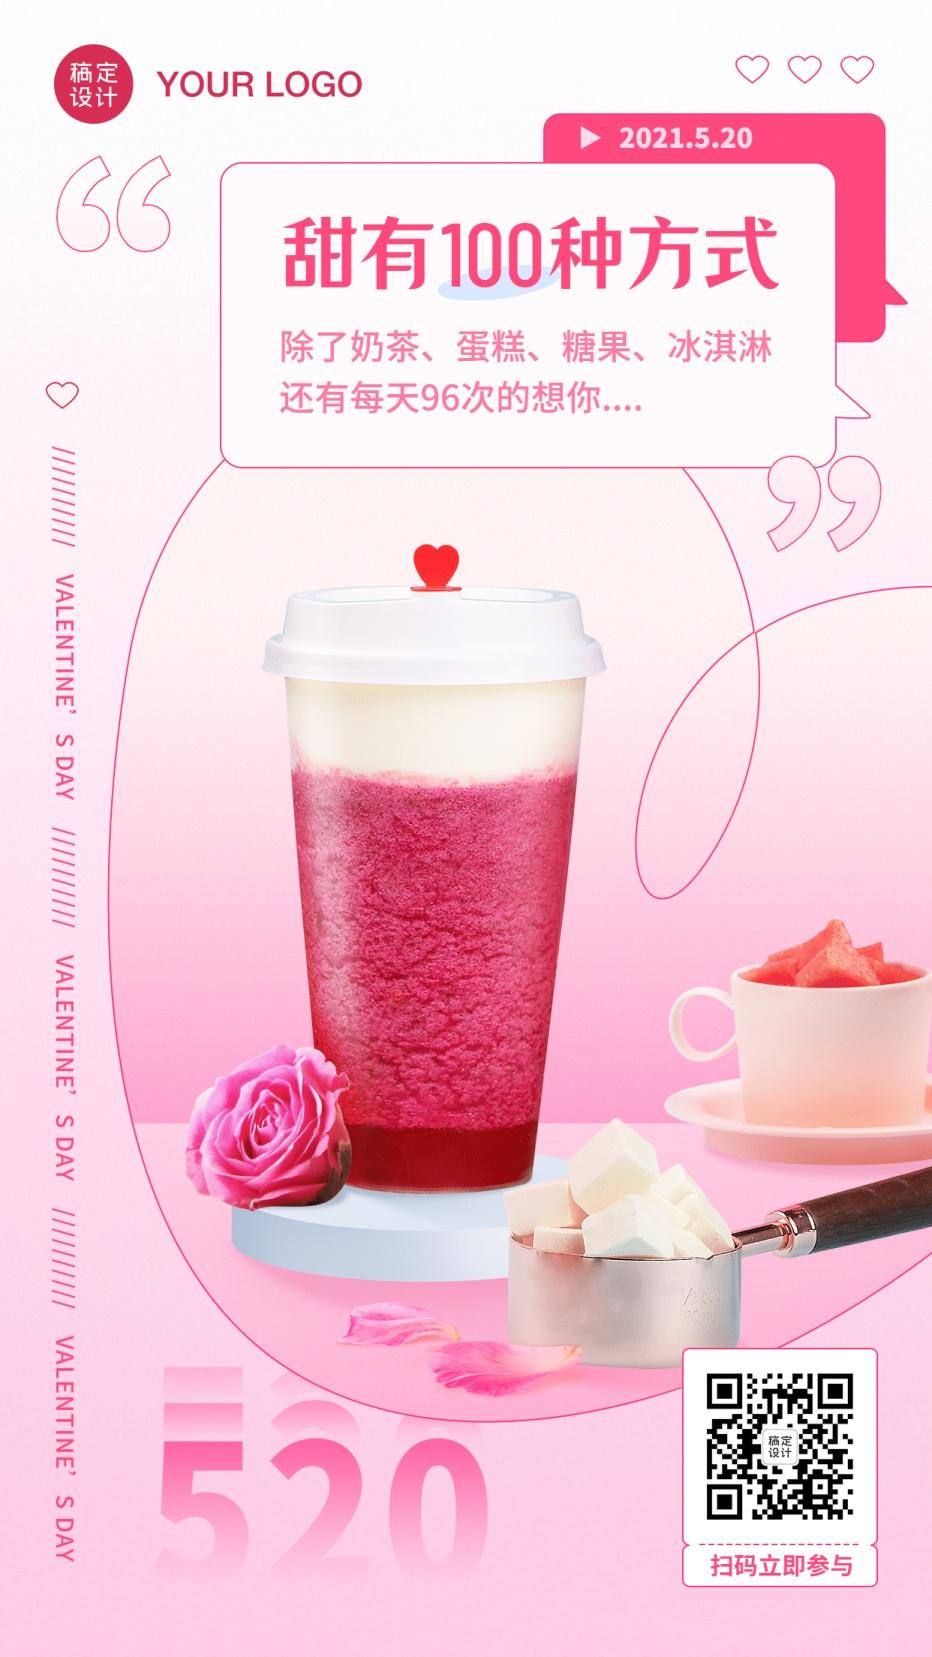 520情人节祝福问候餐饮系列海报